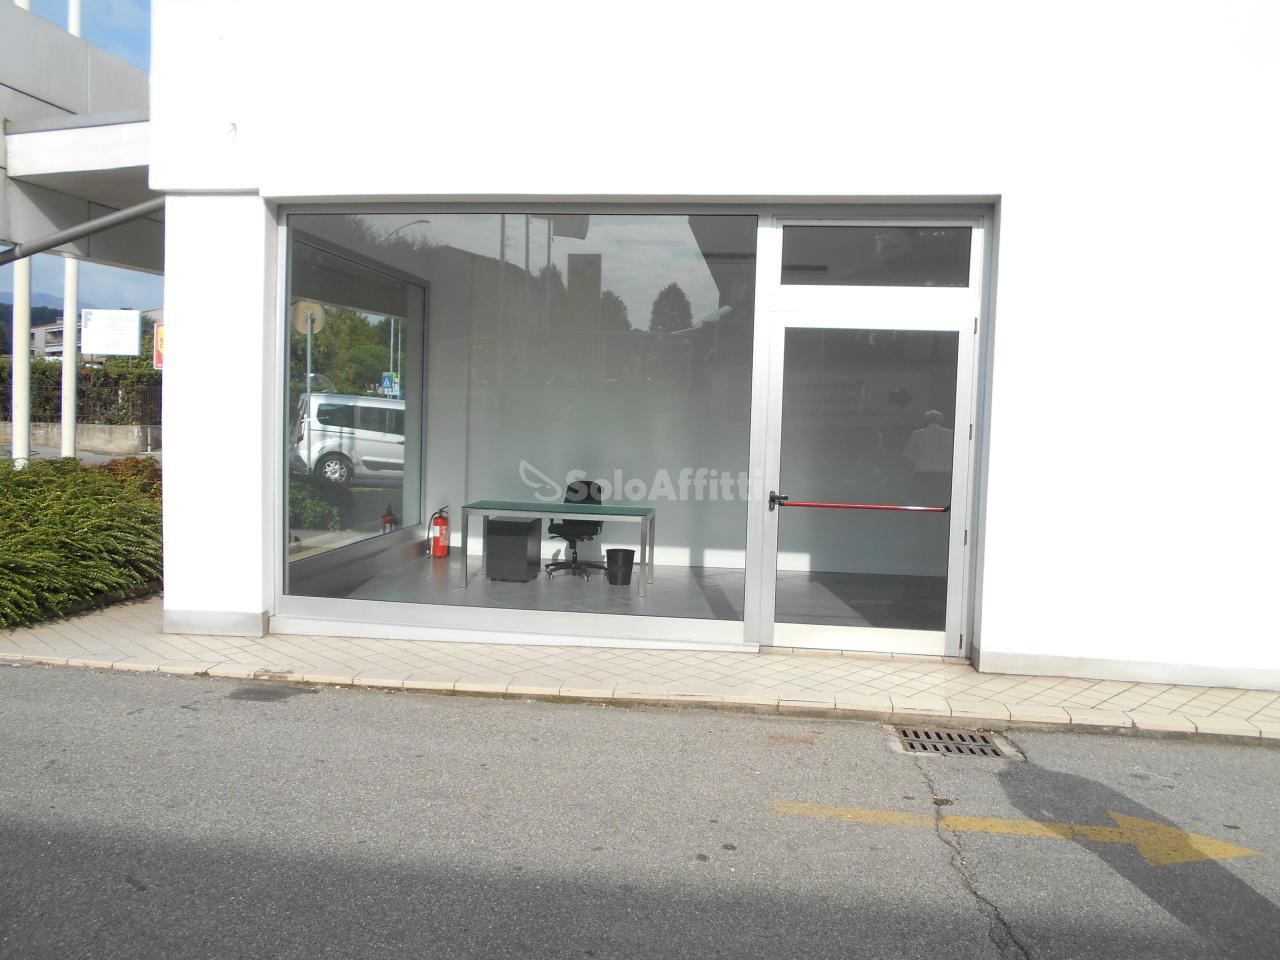 Ufficio / Studio in affitto a Cantù, 1 locali, prezzo € 600 | PortaleAgenzieImmobiliari.it